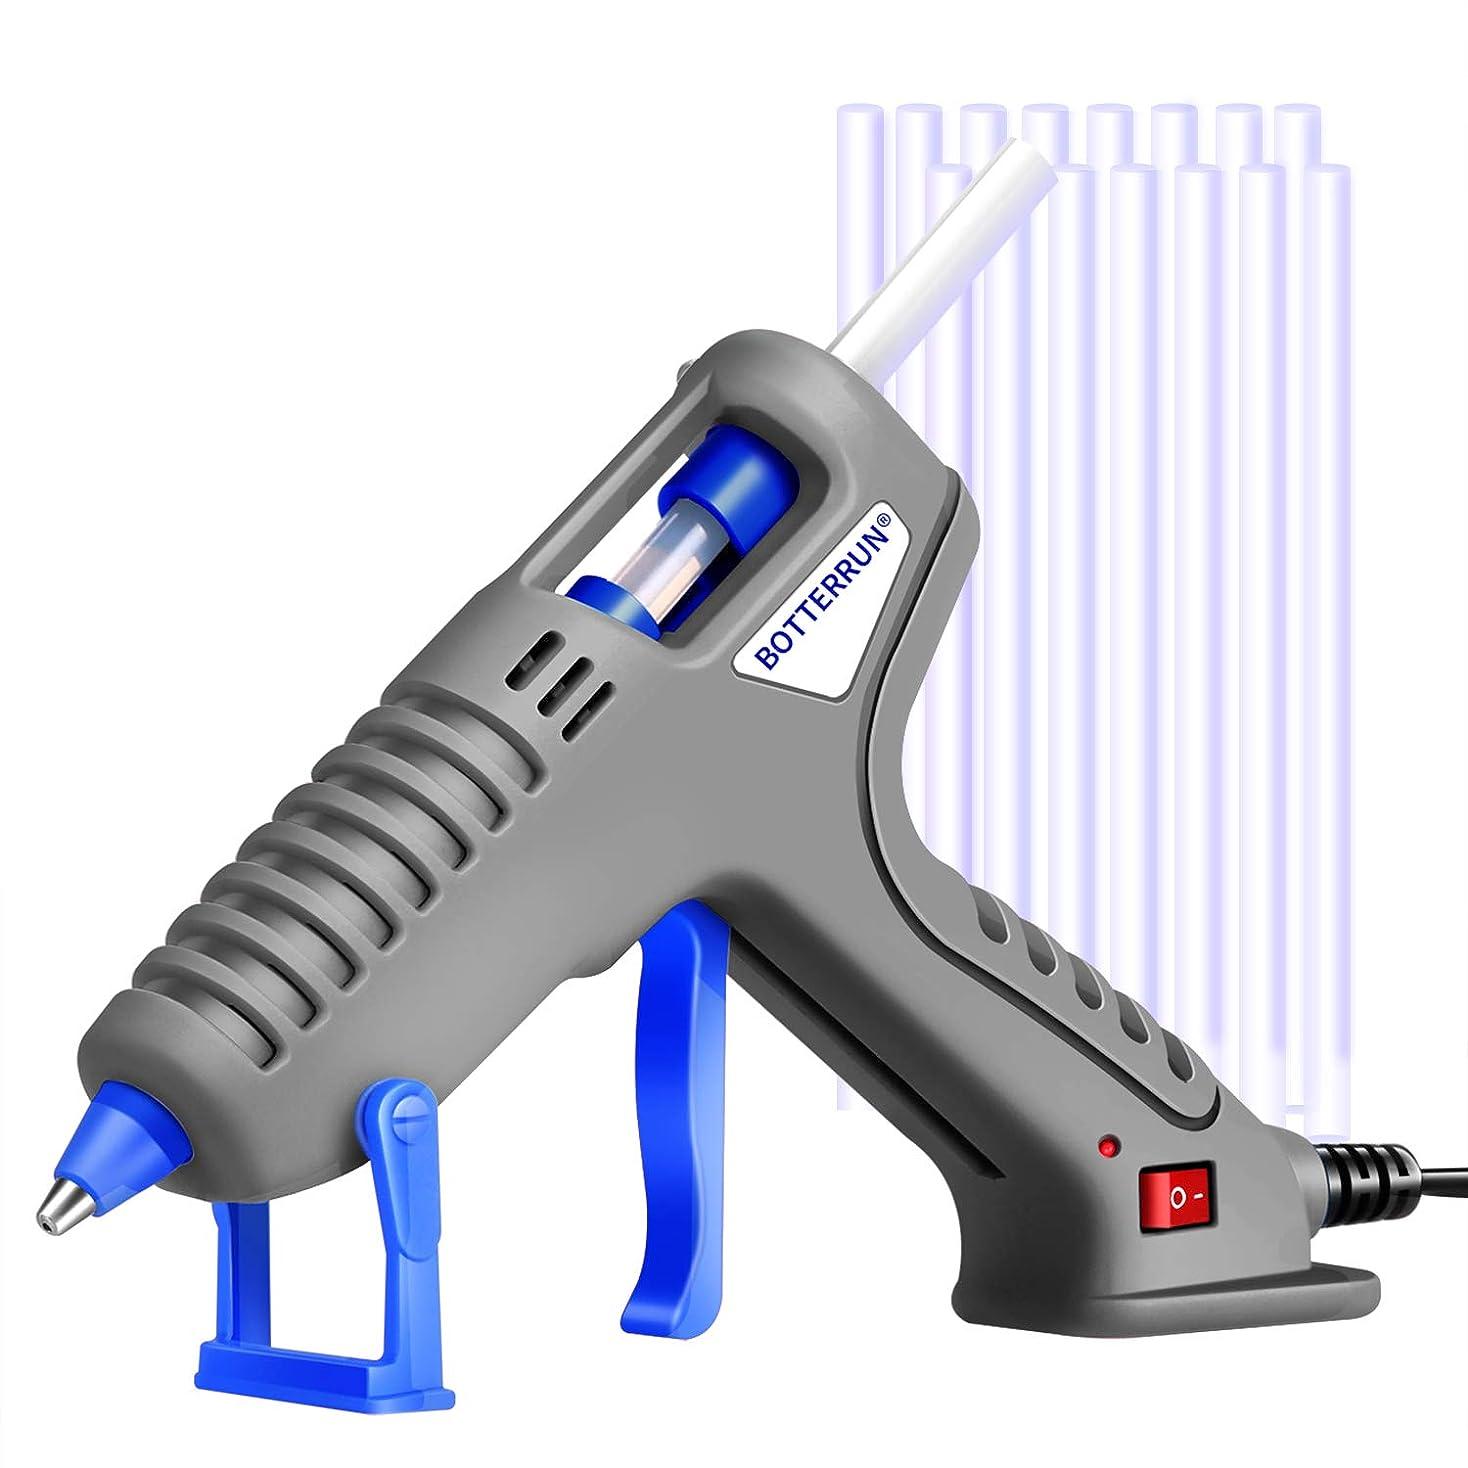 グルーガン BOTTERRUN 60W 小型ホットグルーガンセット高温 手芸用 木工用 DIY 補修 工具 15本付き 7mm 強力粘着 家 学校 工芸 毎日 ワーキング